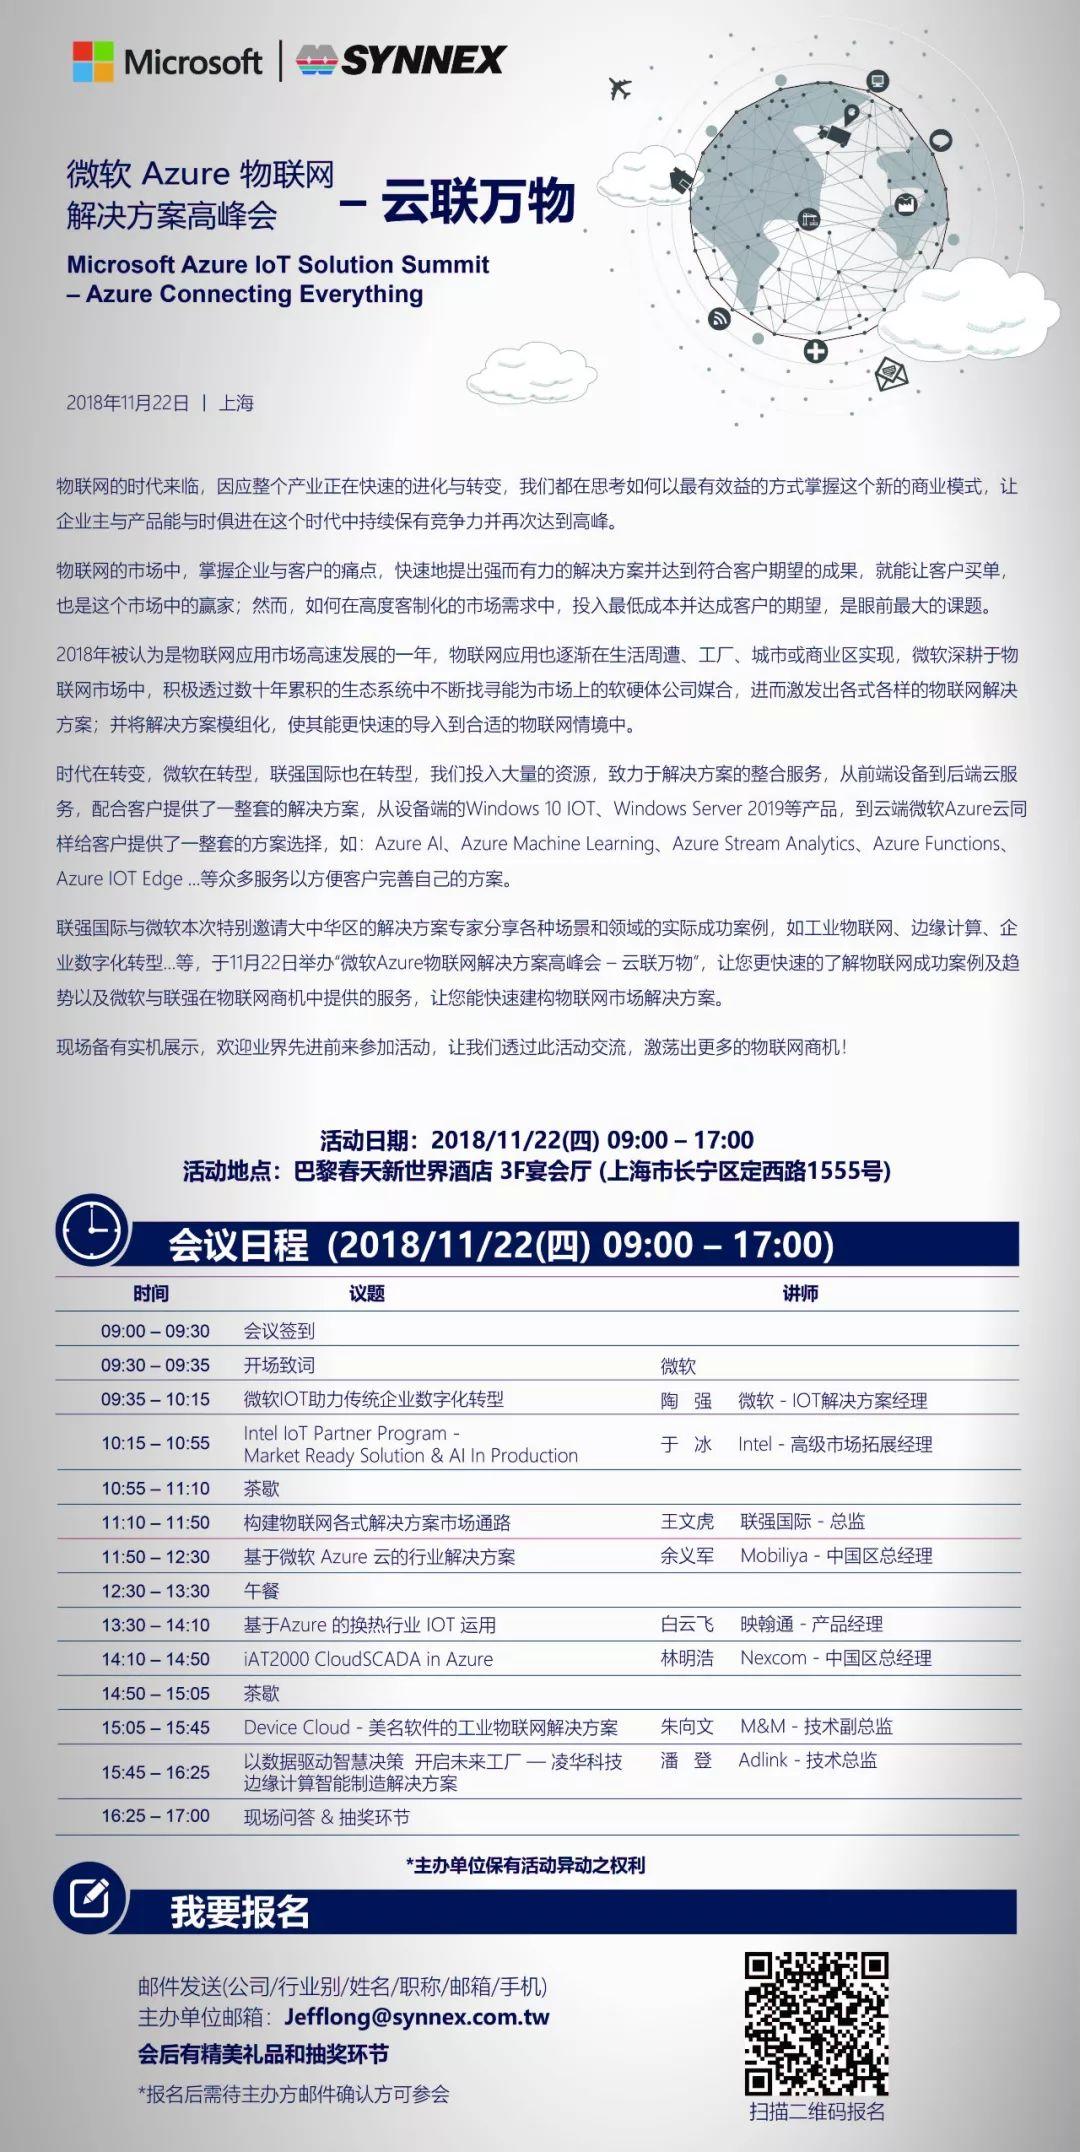 微软 Azure 物联网解决方案高峰会 邀请函-中国 上海